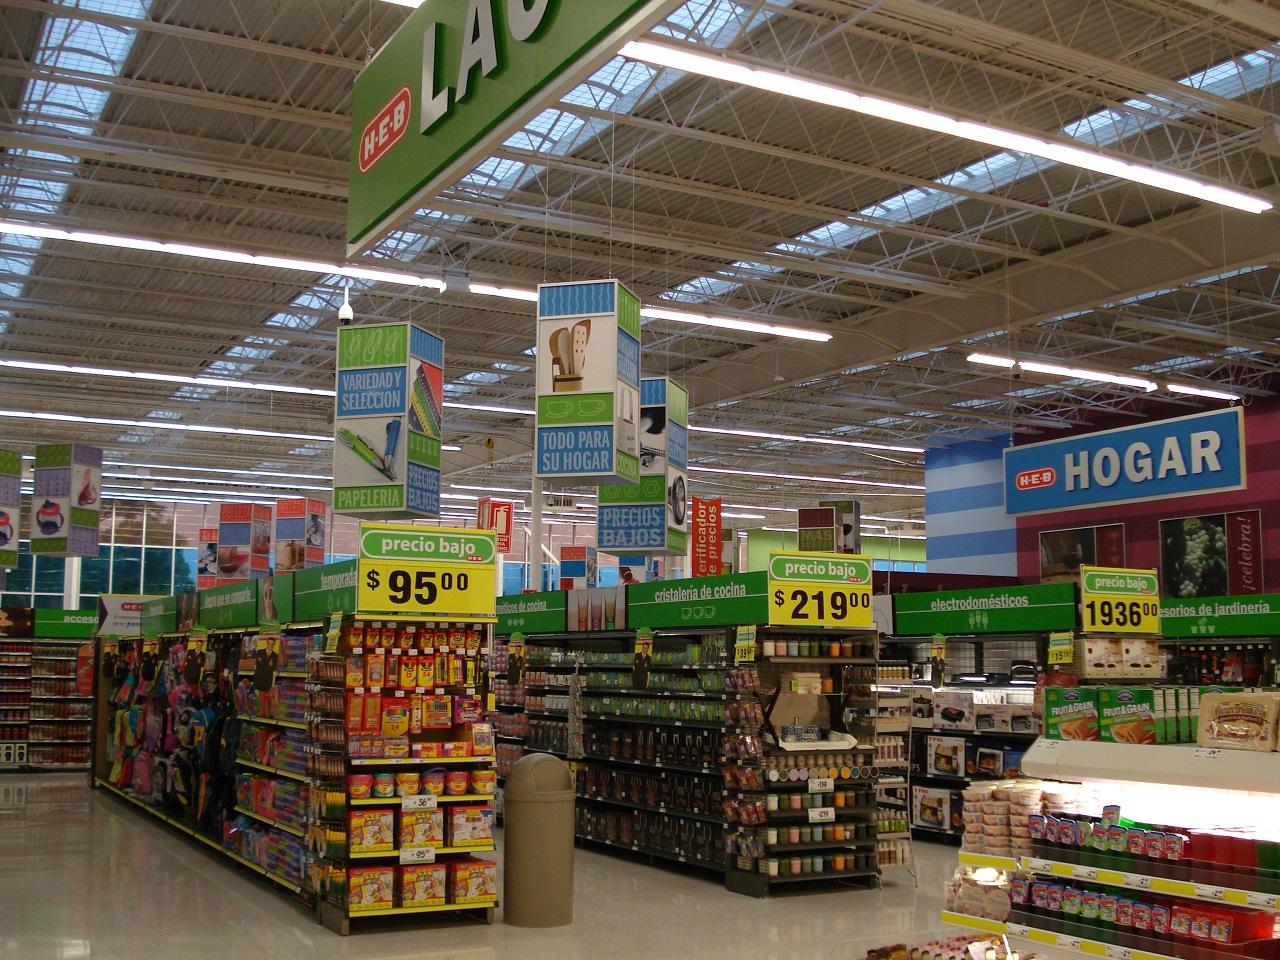 Confirman llegada de nueva tienda de autoservicio a Irapuato; generará hasta 300 empleos directos